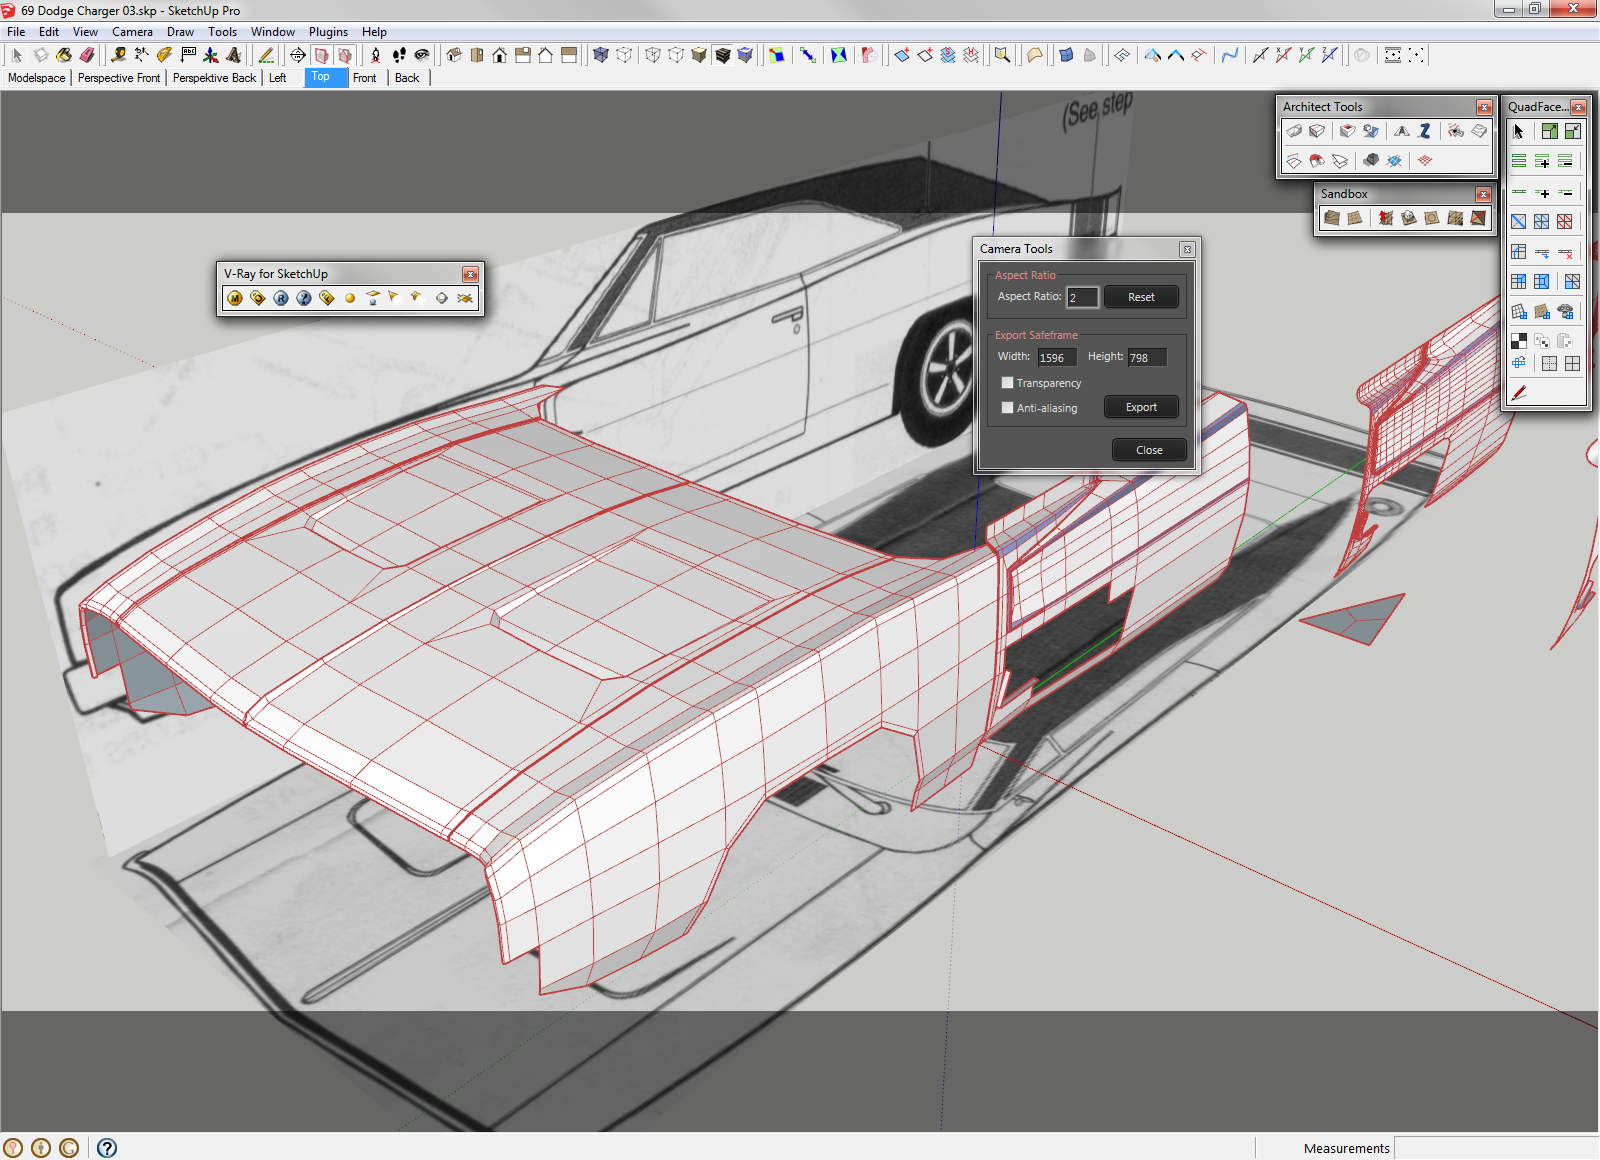 v ray tools sketchup extension warehouse sketchup plugins v ray tools sketchup extension warehouse